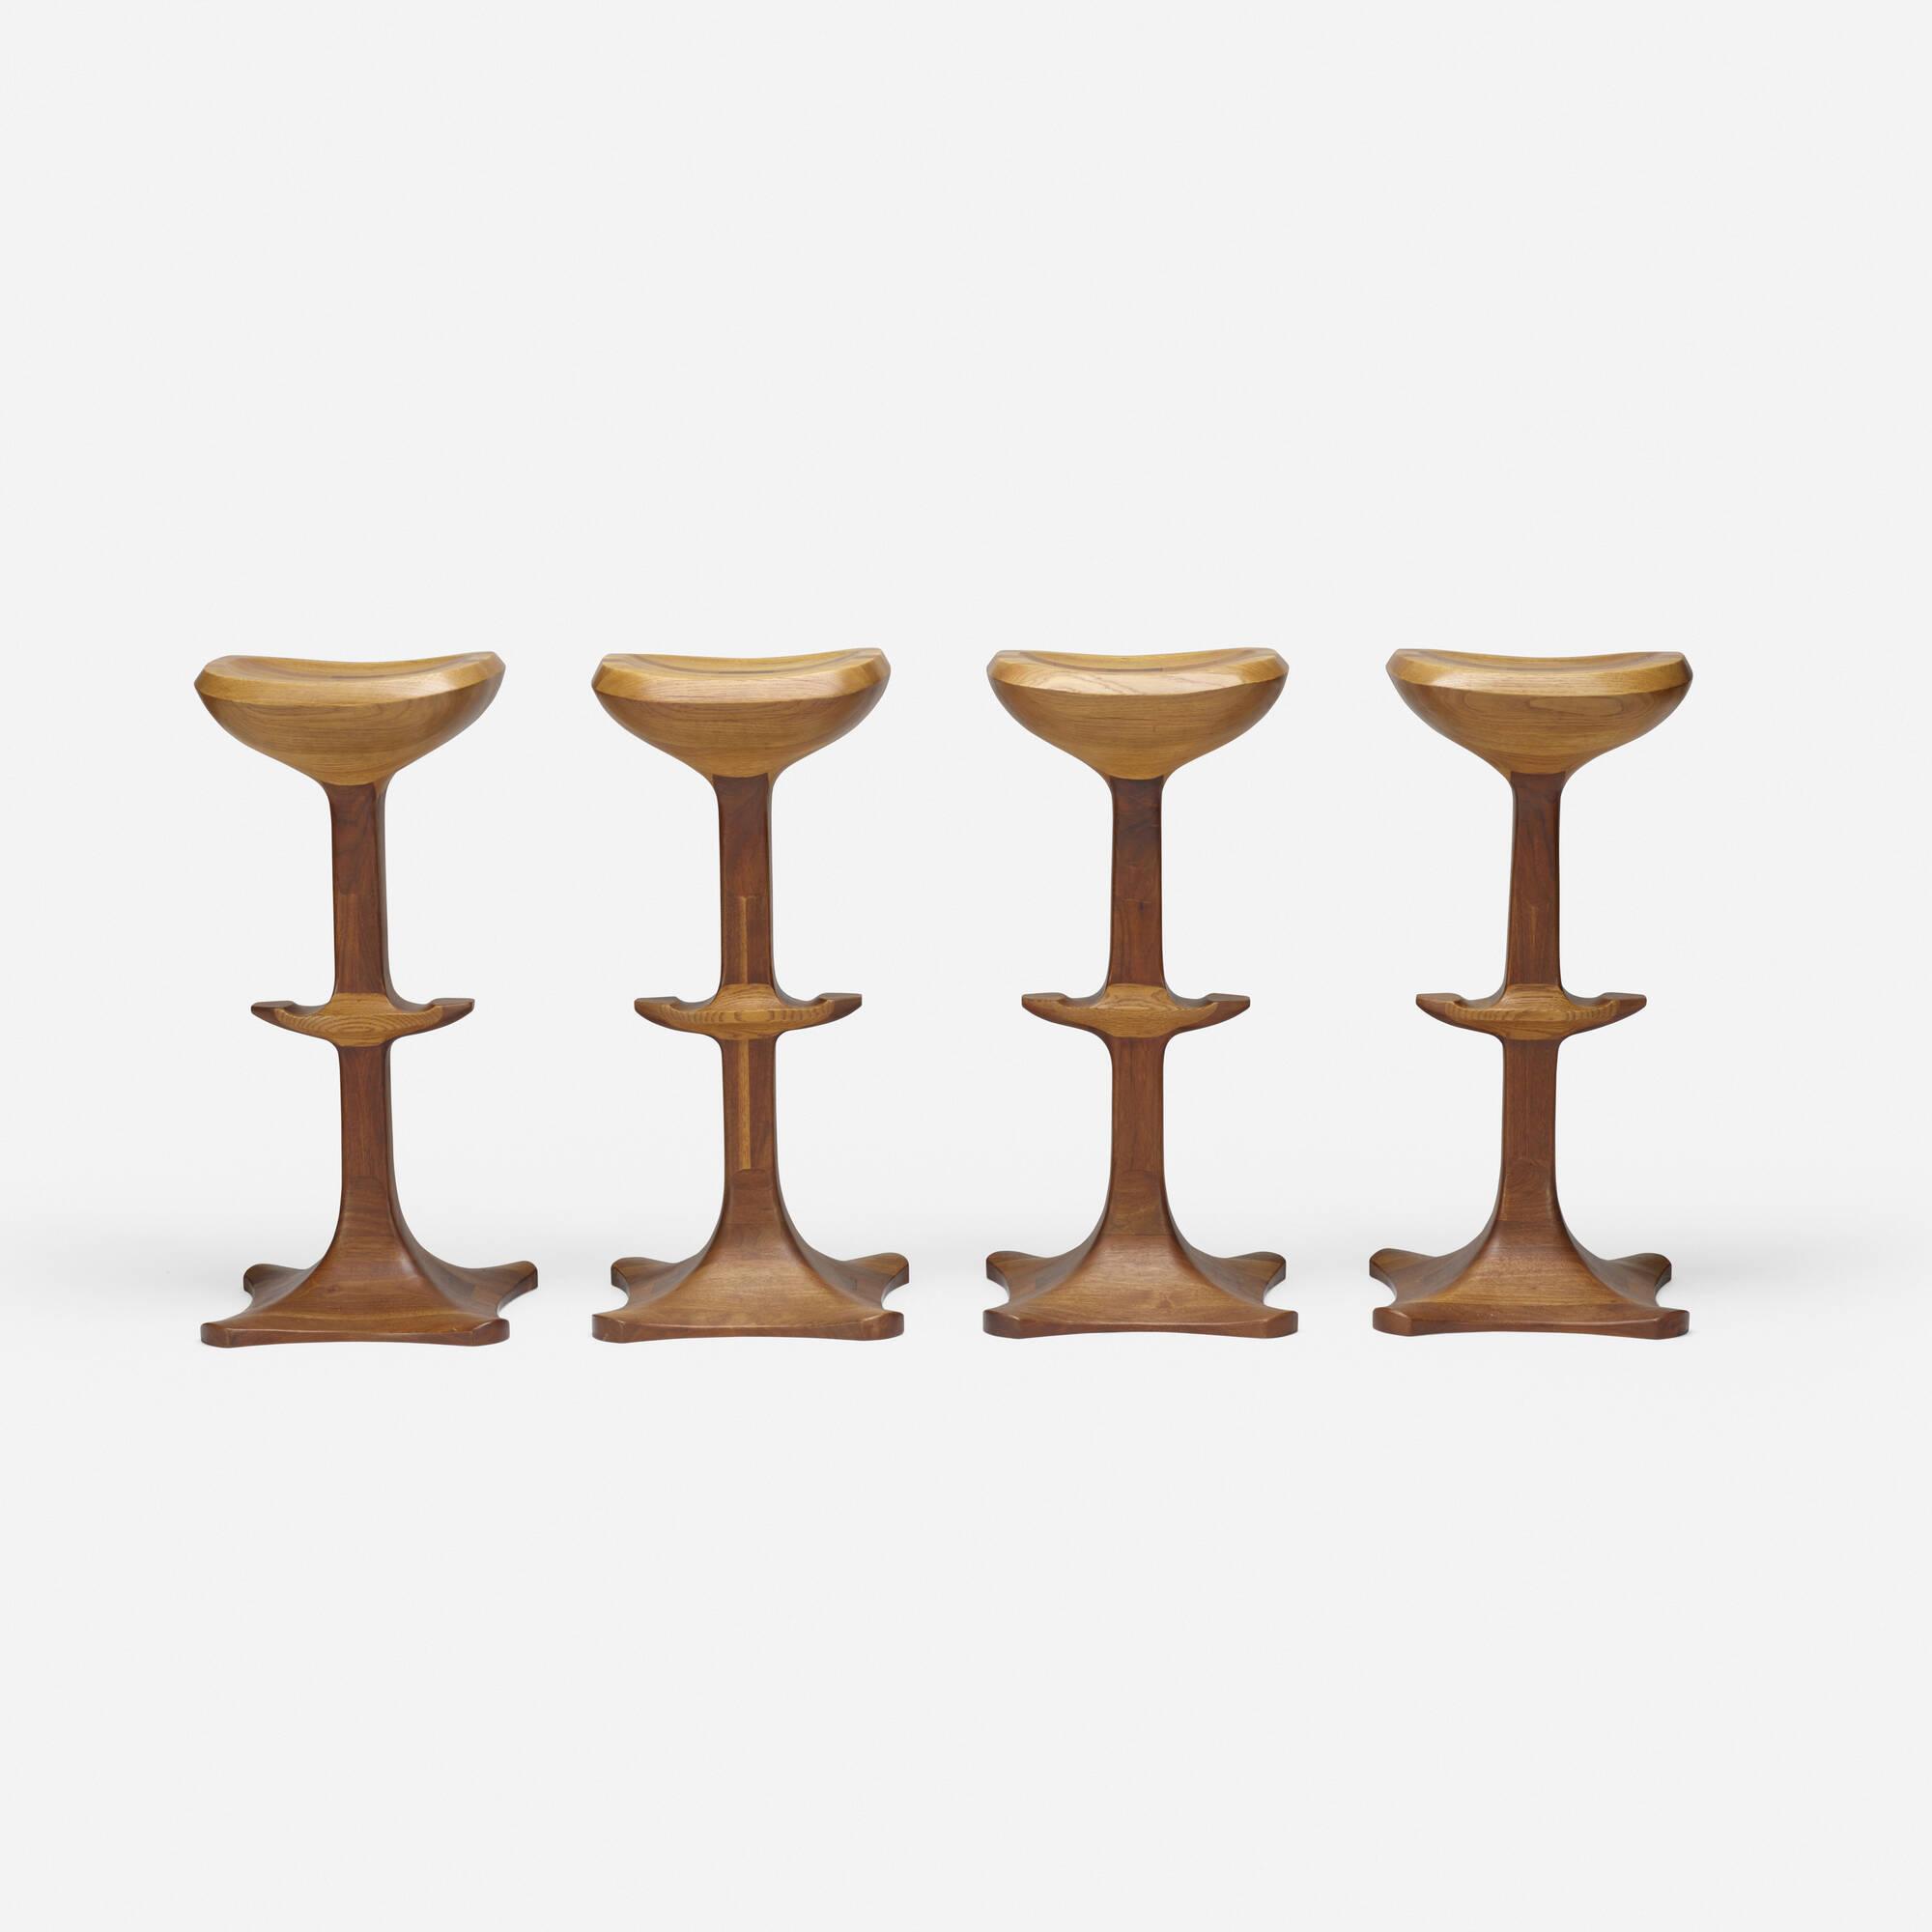 211: Arcotypo Studio / stools, set of four (2 of 2)